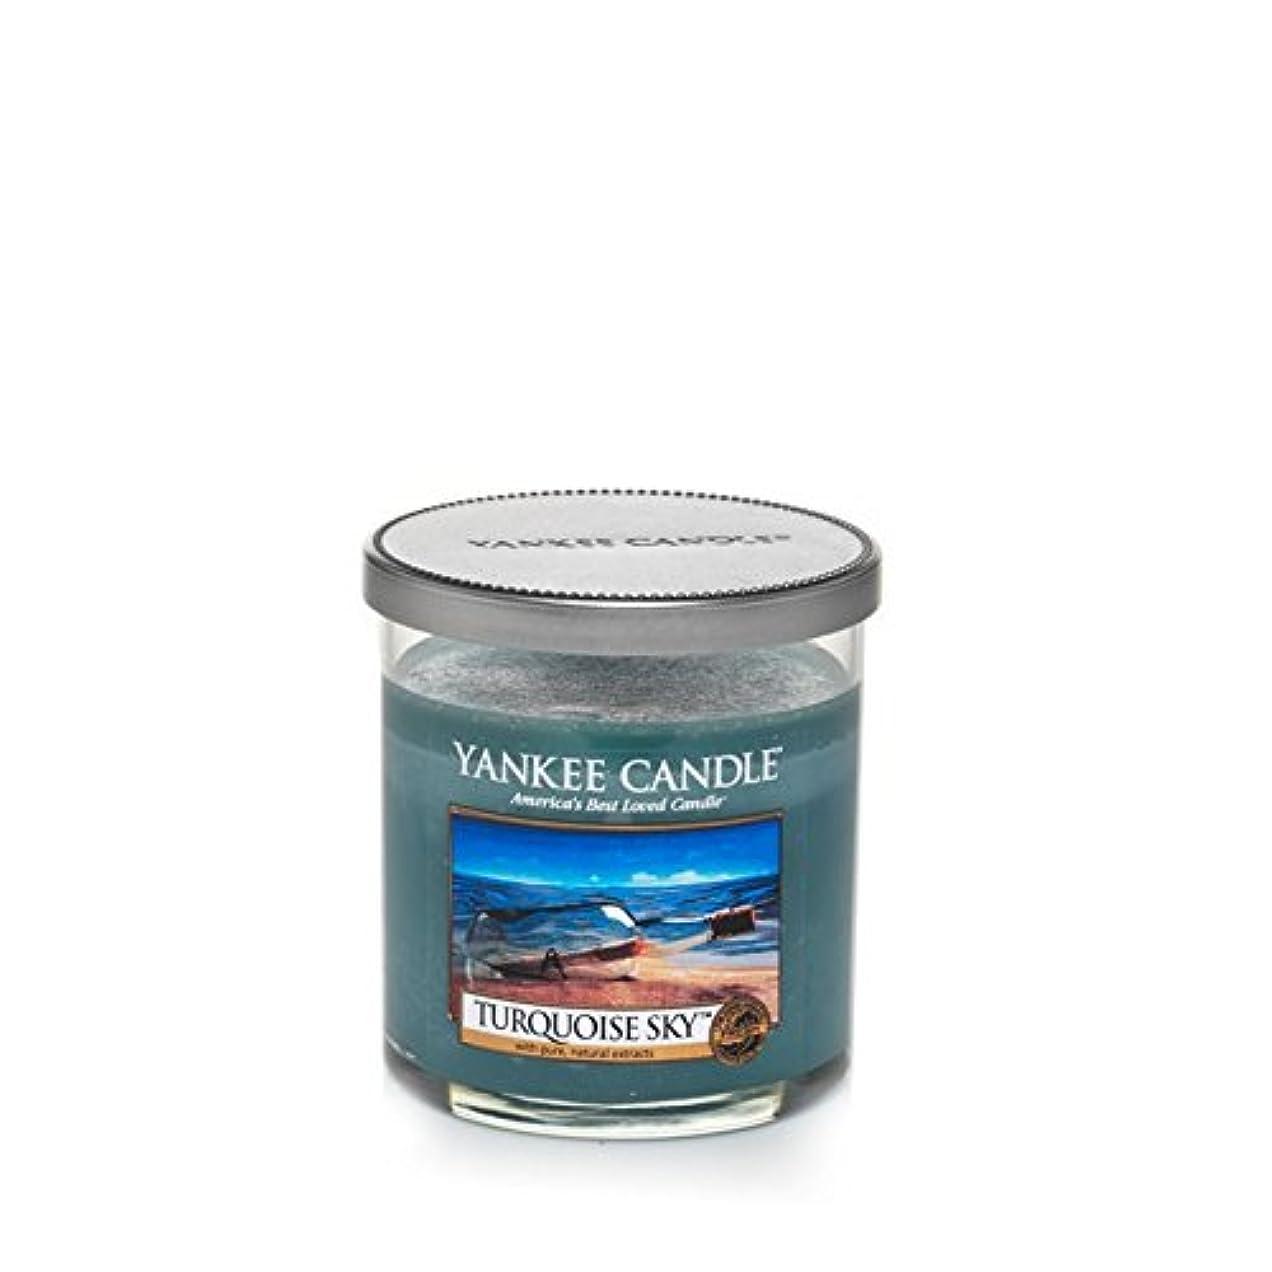 くるみ事前頬骨Yankee Candles Small Pillar Candle - Turquoise Sky (Pack of 2) - ヤンキーキャンドルの小さな柱キャンドル - ターコイズの空 (x2) [並行輸入品]